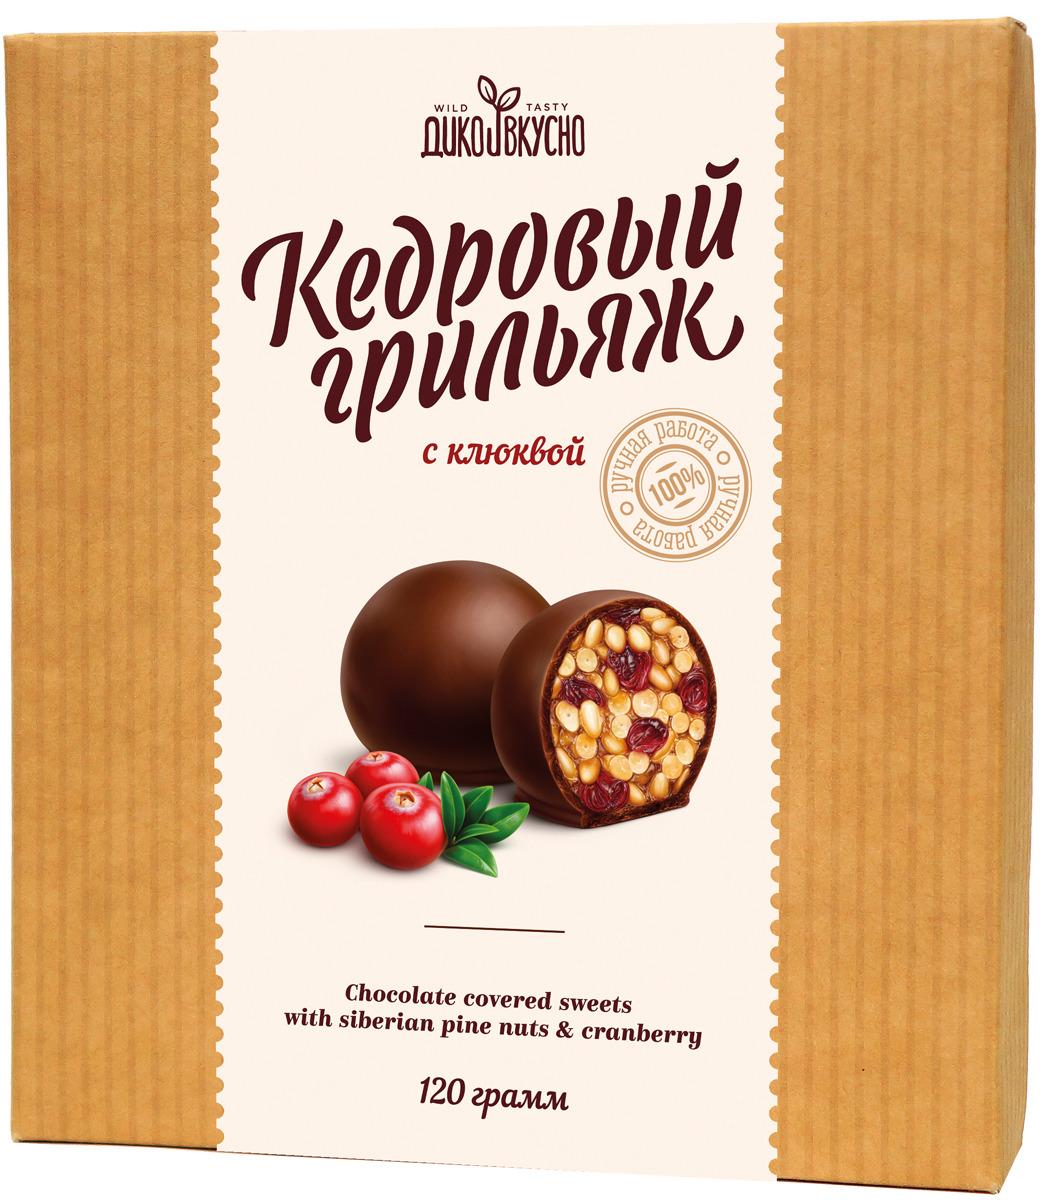 Дико Вкусно Грильяж кедровый с клюквой в шоколадной глазури, 120 г дико вкусно грильяж кедровый в шоколадной глазури классический 13 г х 9 шт 120 г